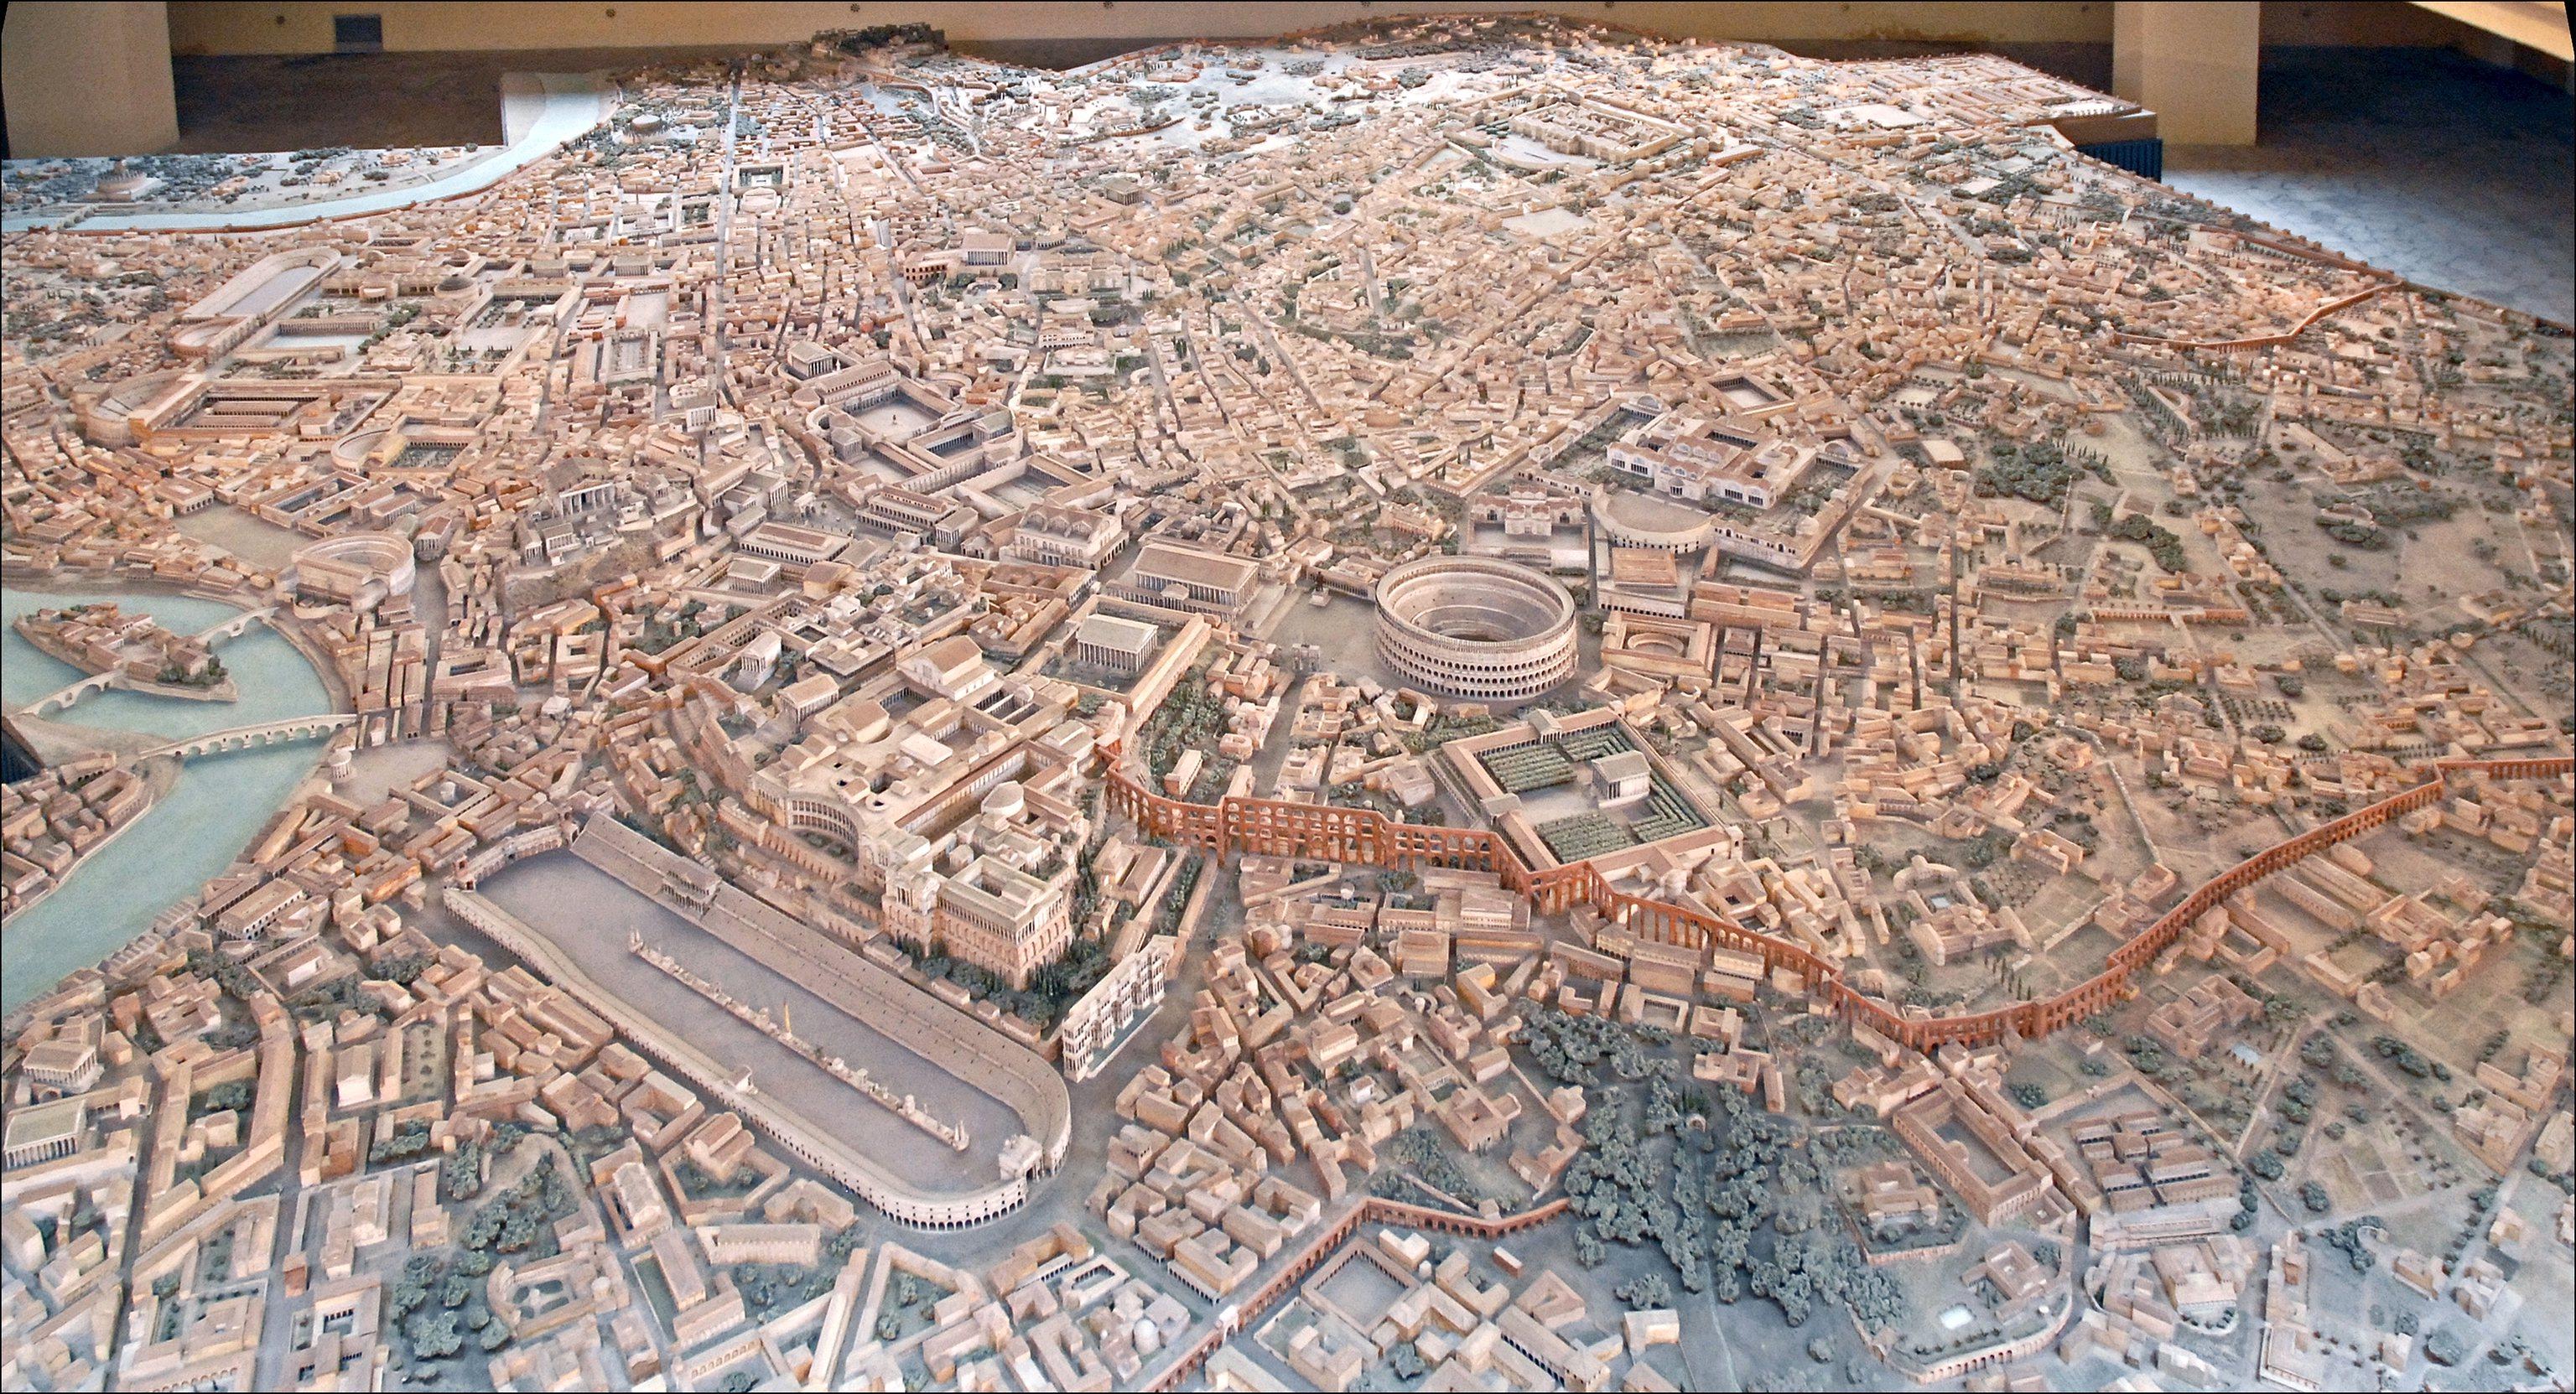 La maquette de Rome à l'époque de Constantin (musée de la civilisation romaine, Rome)